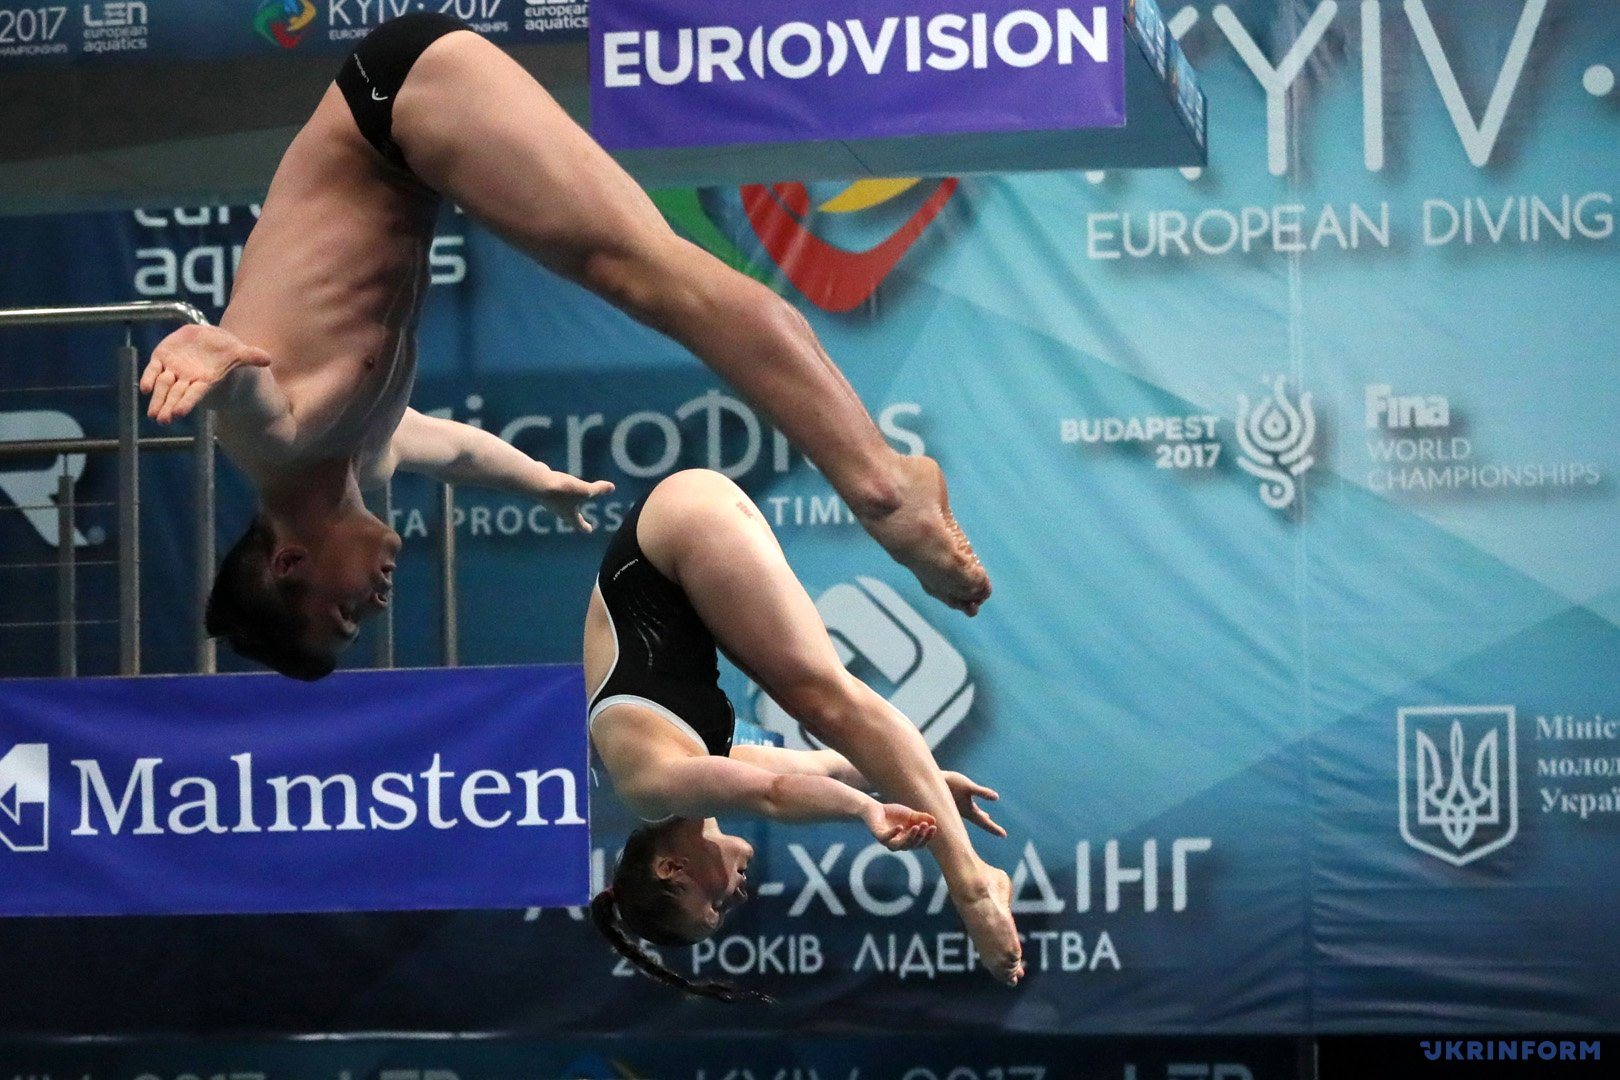 У Києві триває чемпіонат Європи зі стрибків у воду / Фото: Багмут Павло. Укрінформ